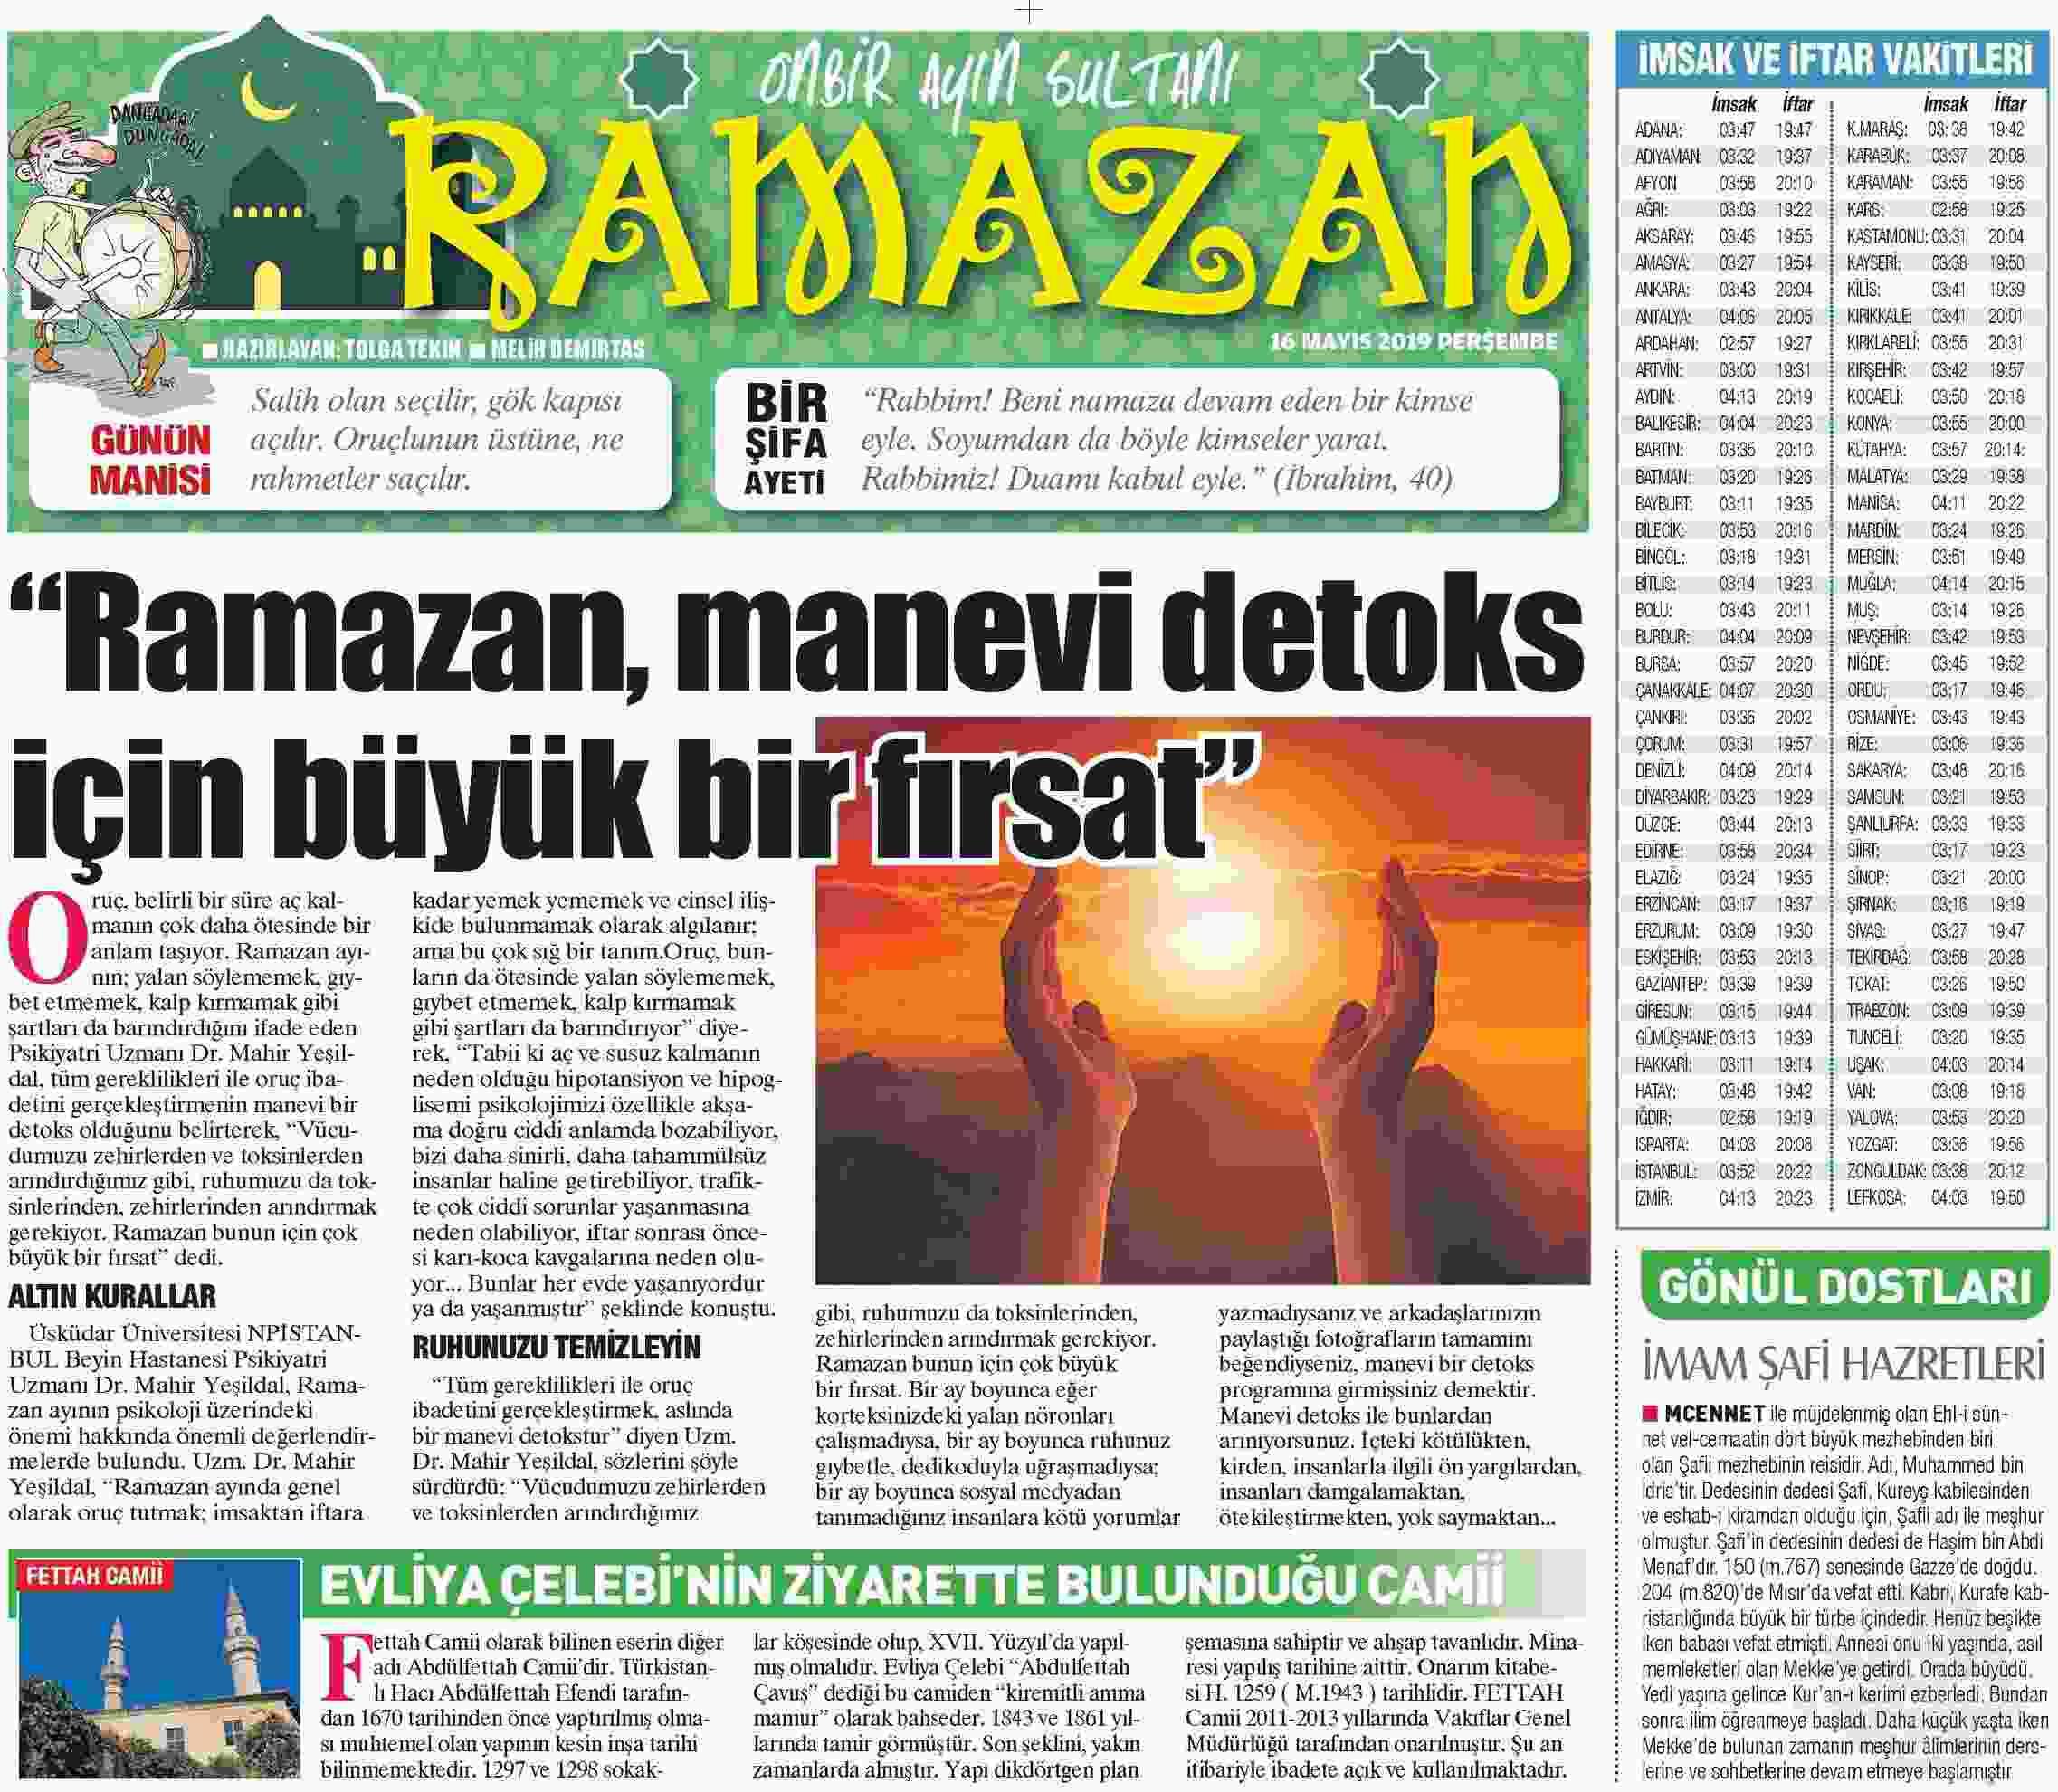 RAMAZAN, M İÇİN BÜYÜK BNPİRSAF